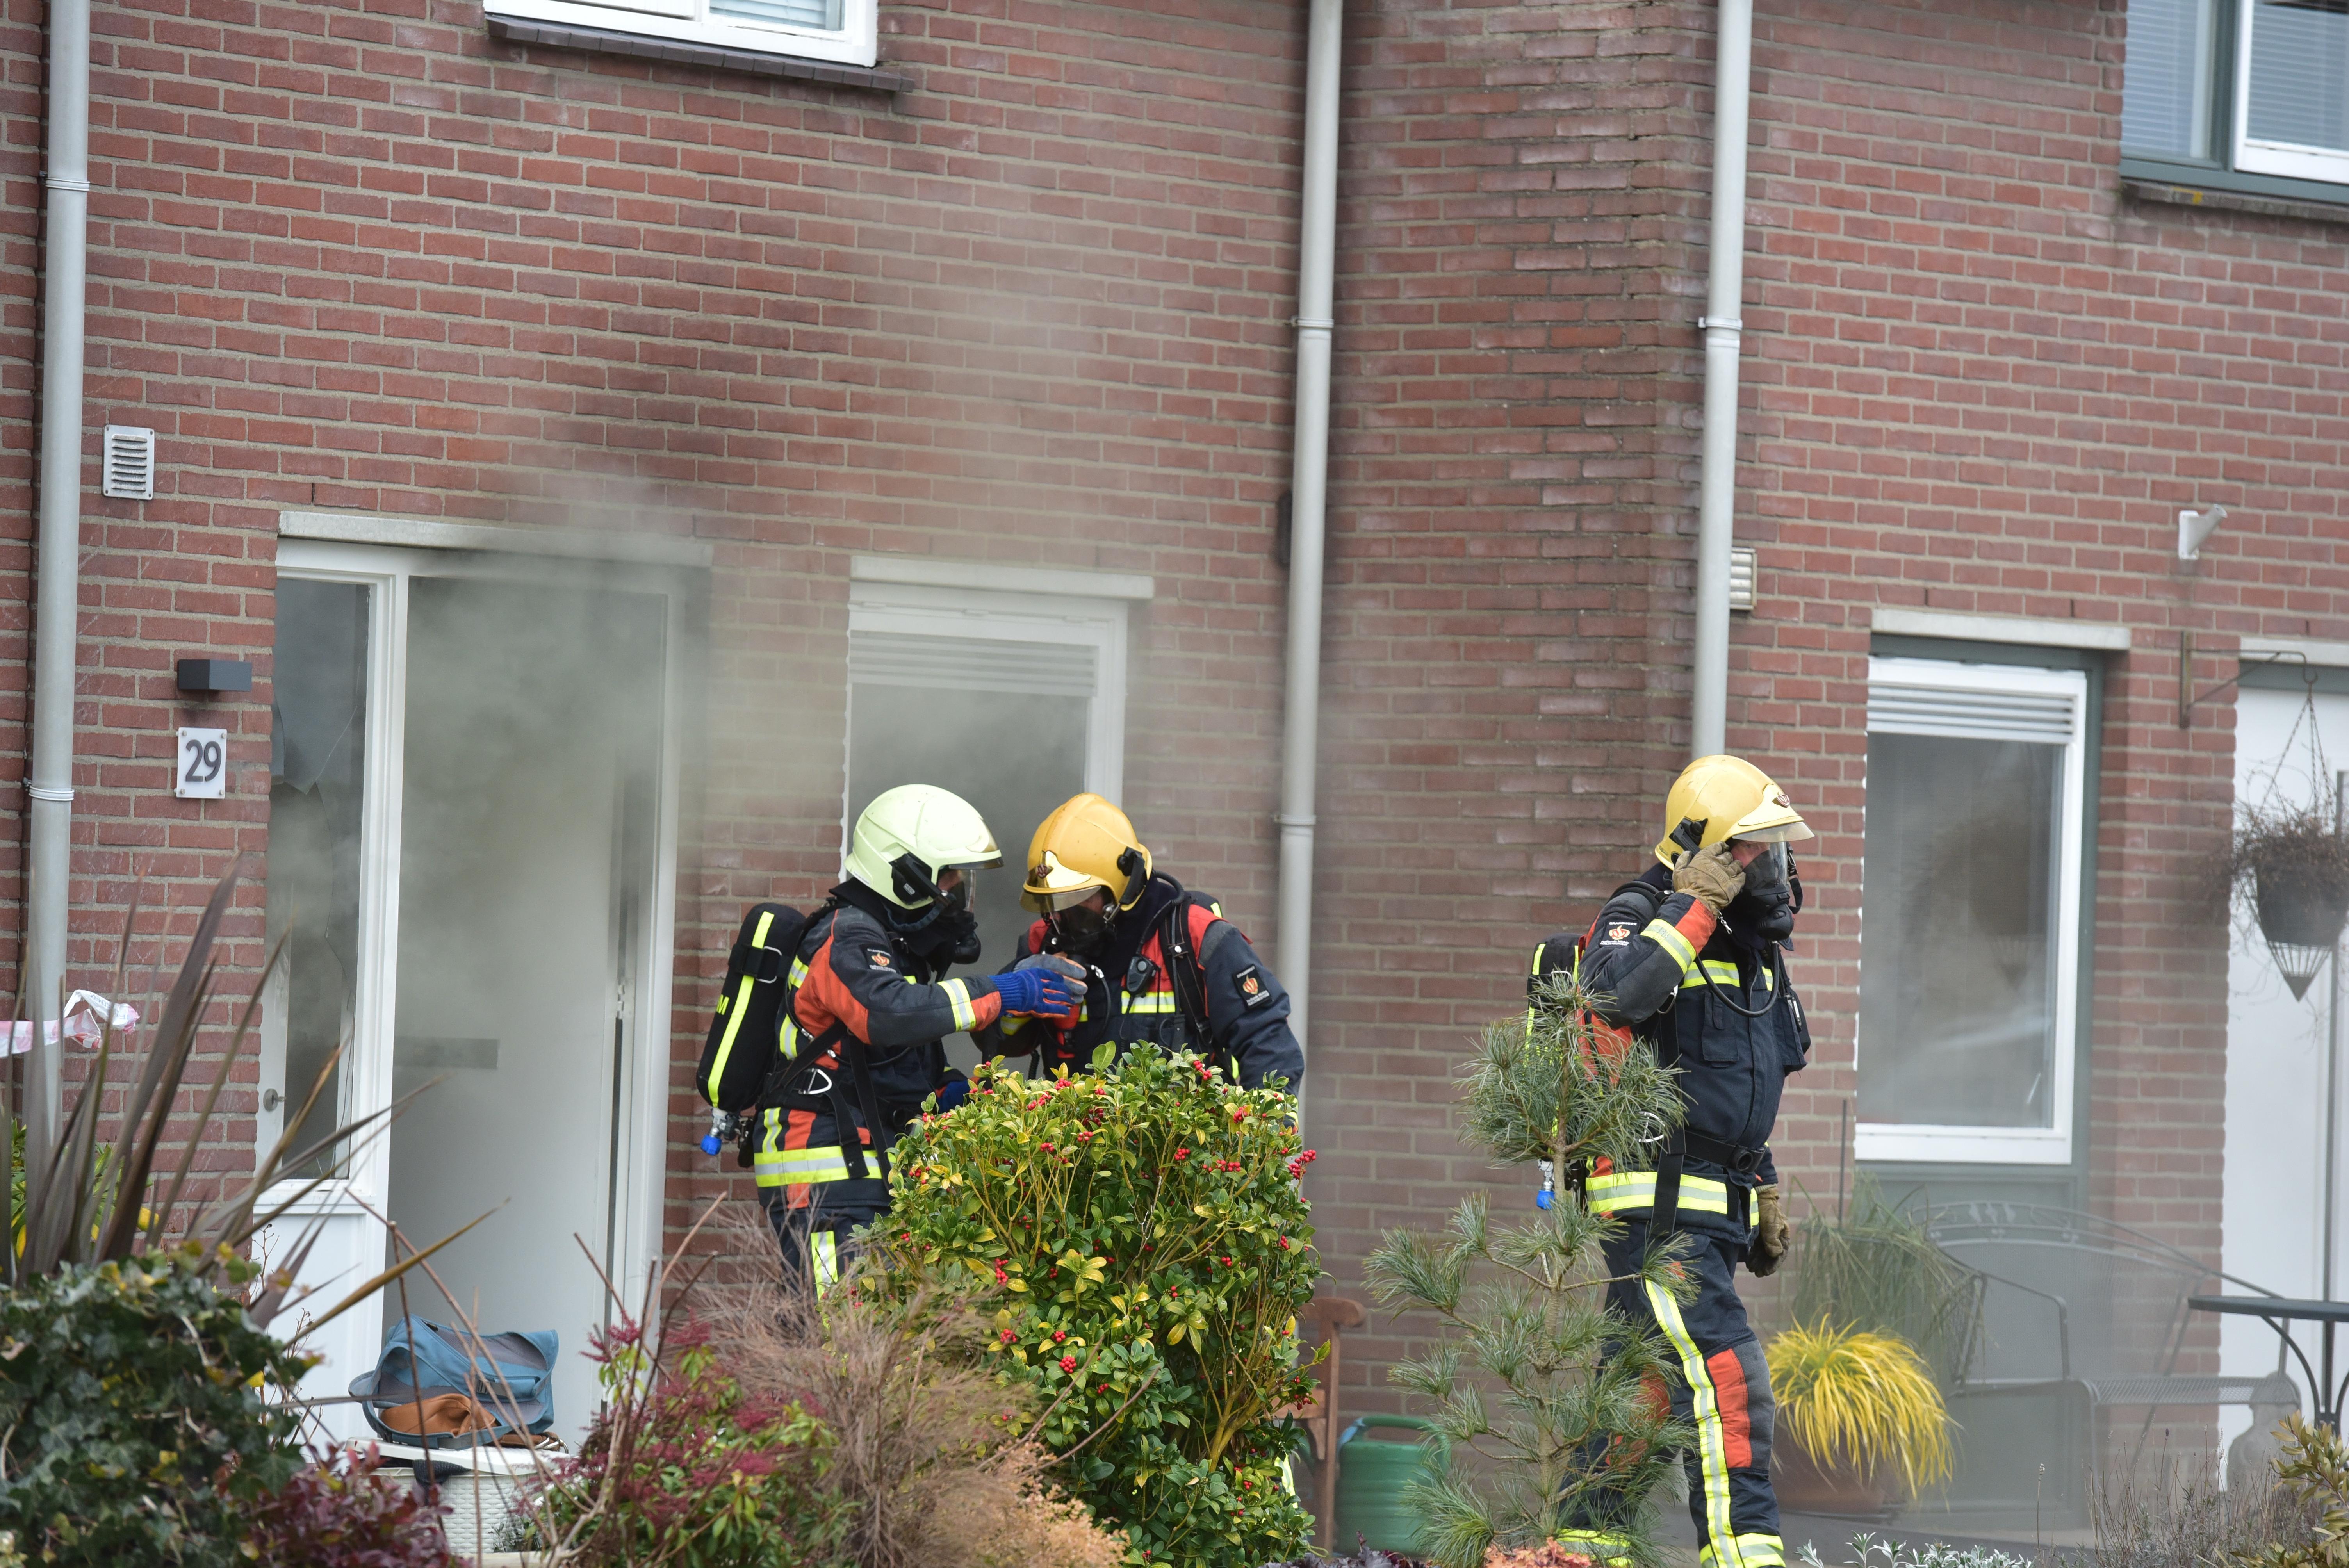 Vrouw steekt man neer in Oude Wetering en zet vervolgens huis in brand: 'Ze leek helemaal de weg kwijt'